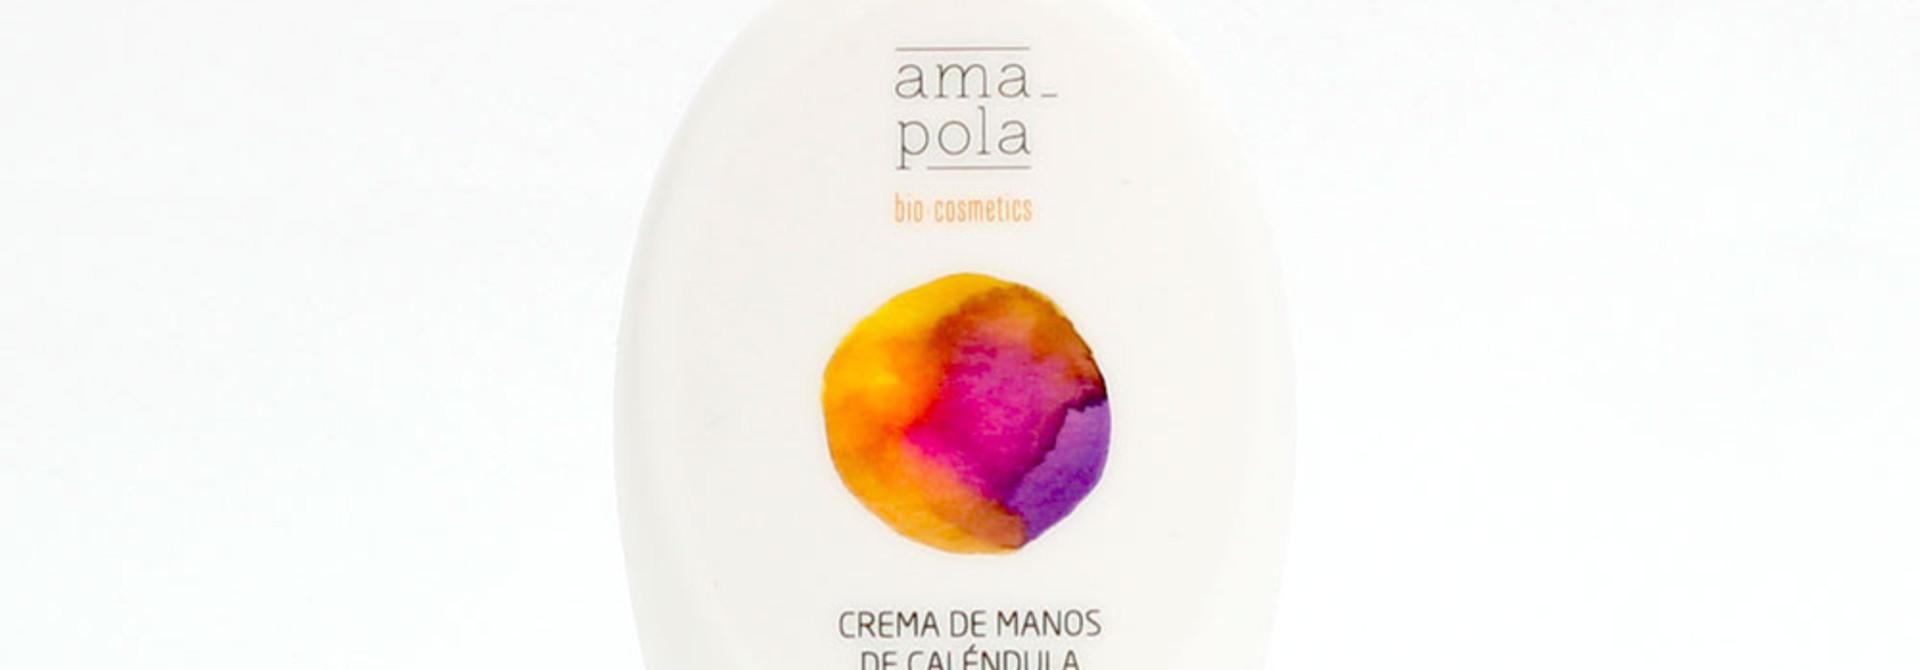 Handencrème met goudsbloem Amapola 50ml